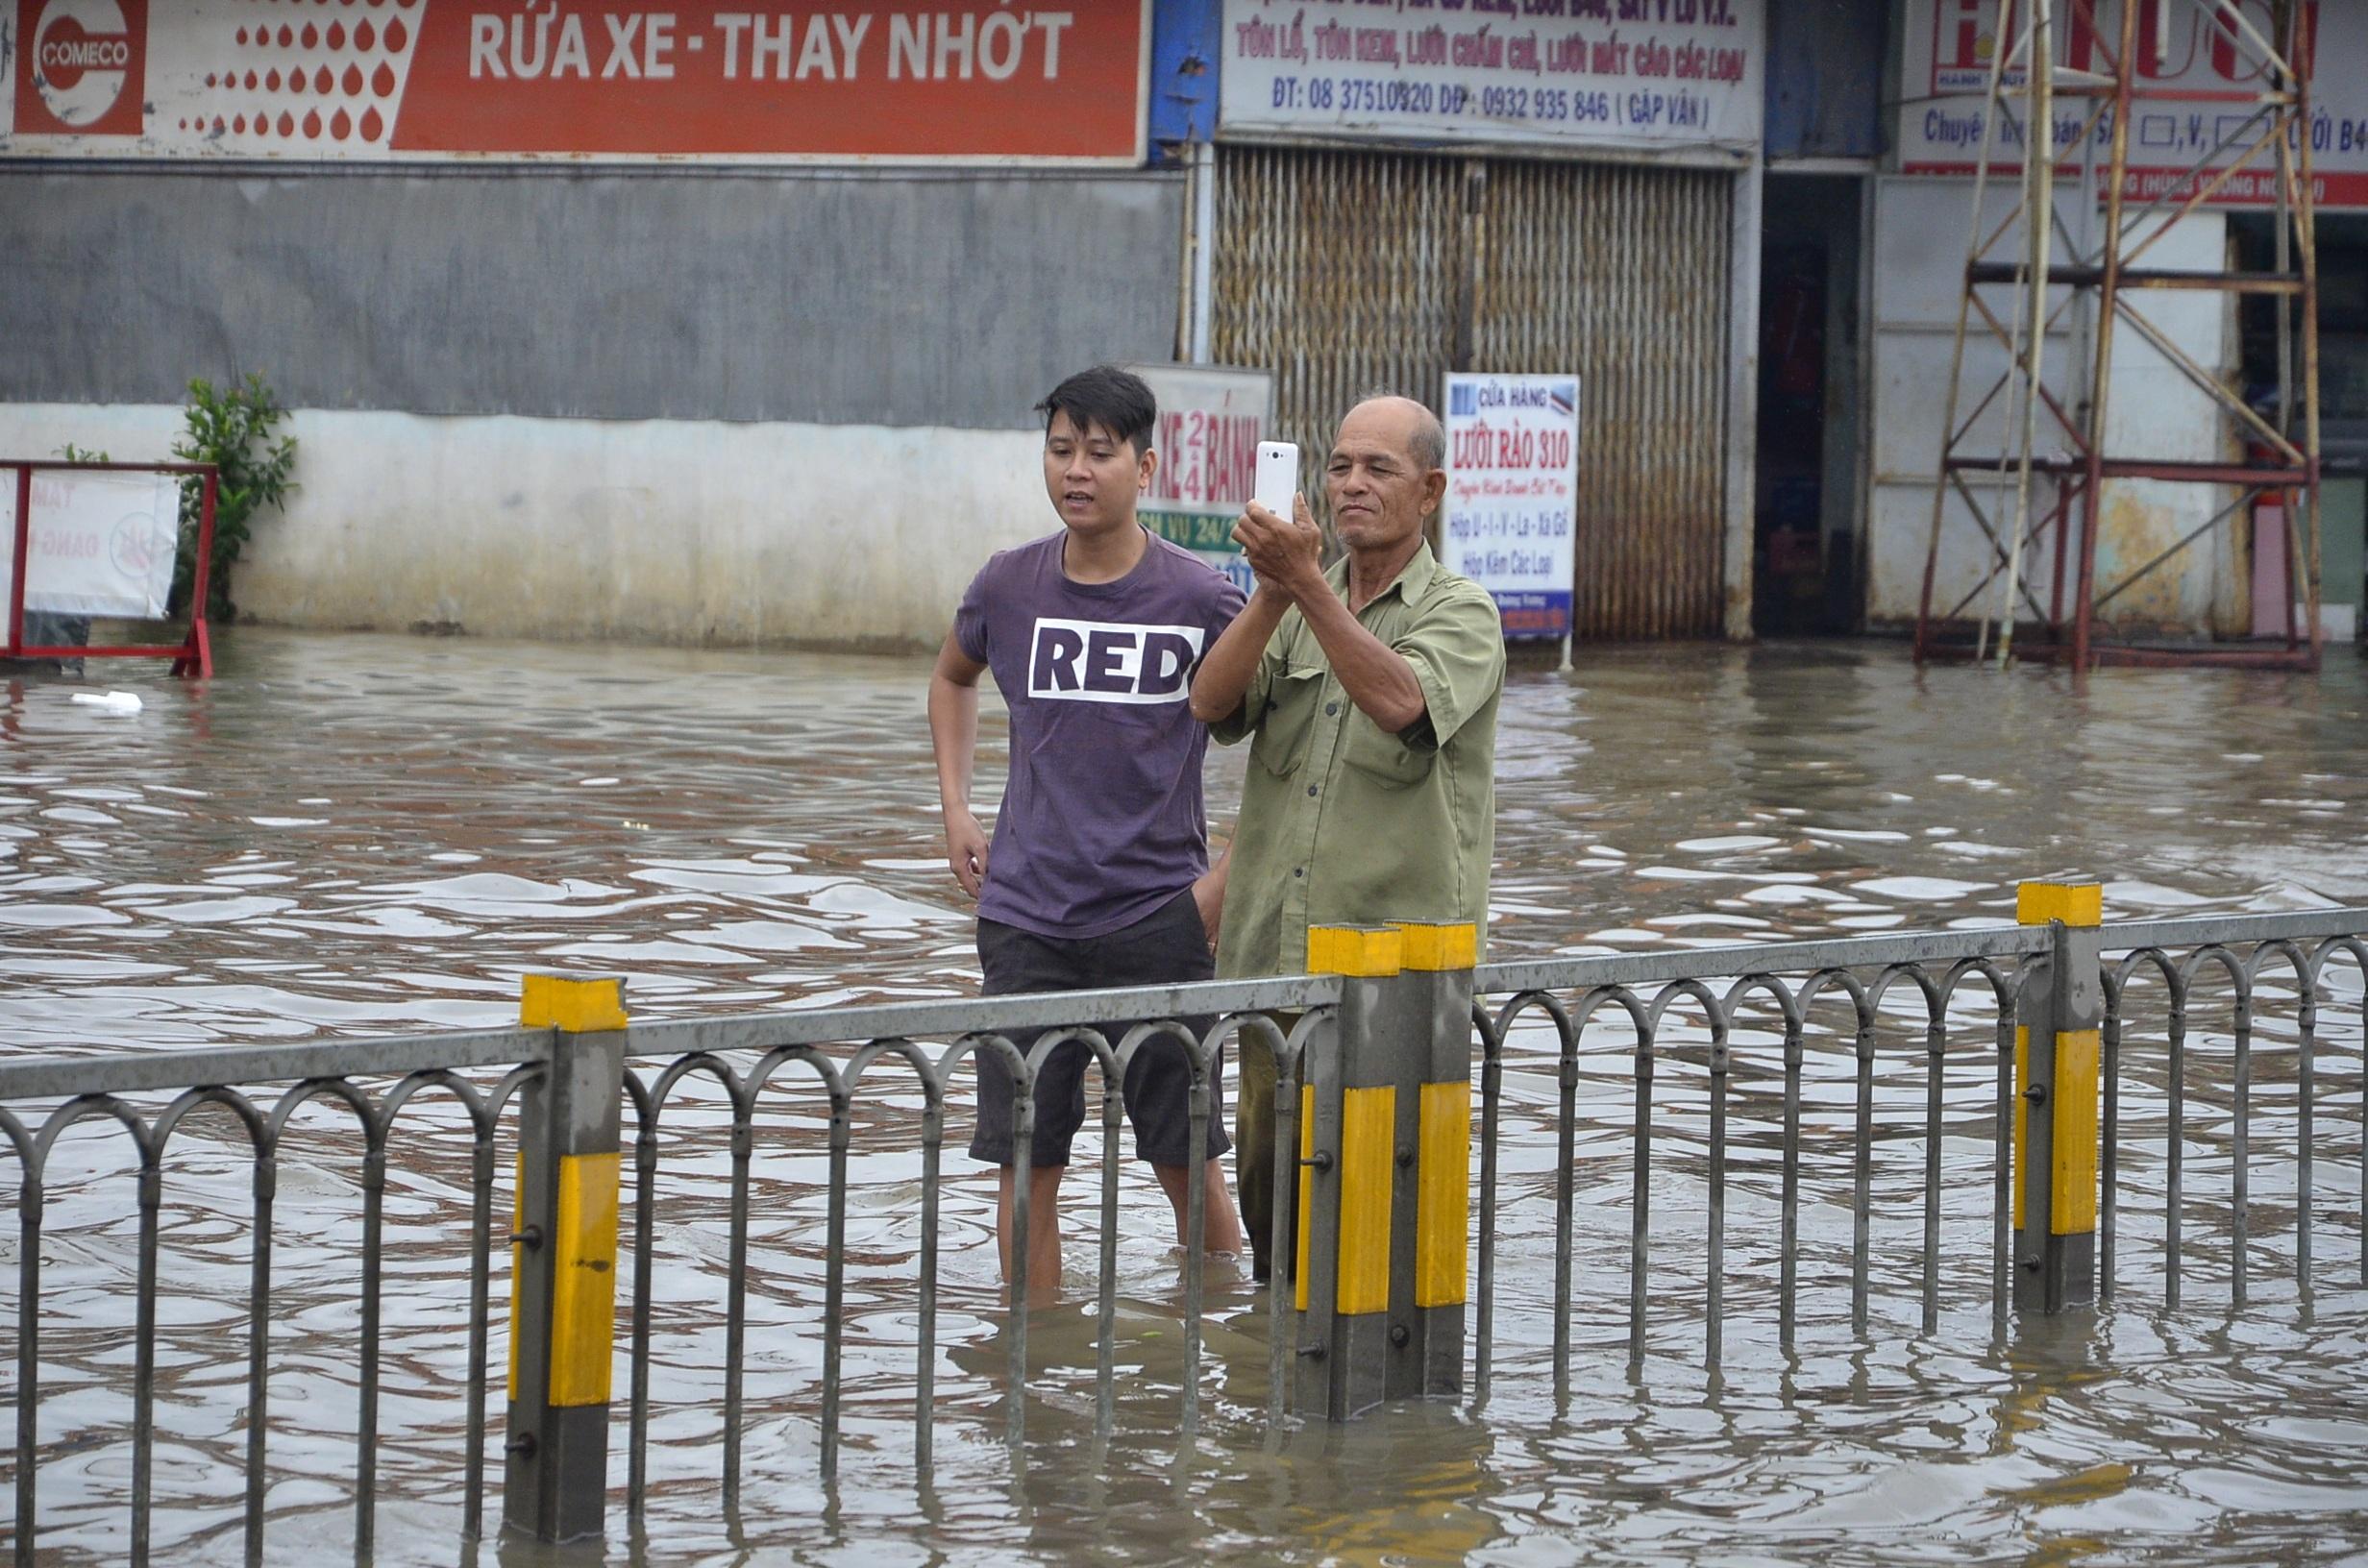 Một người dân đứng chụp hình giữa đường ngập